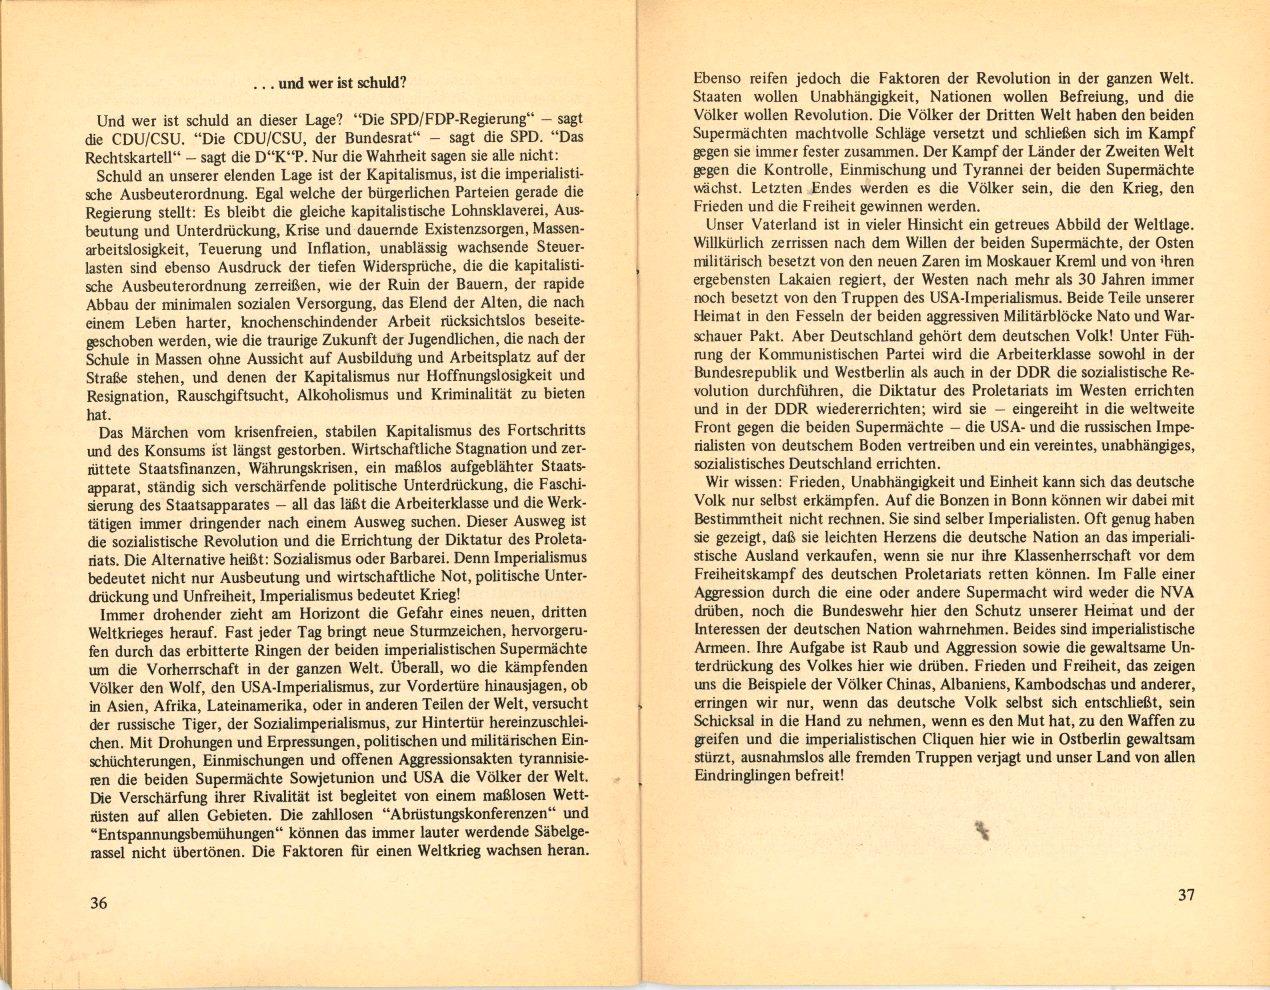 KBW_Materialien_zur_Auseinandersetzung_in_der_mlB_1976_20